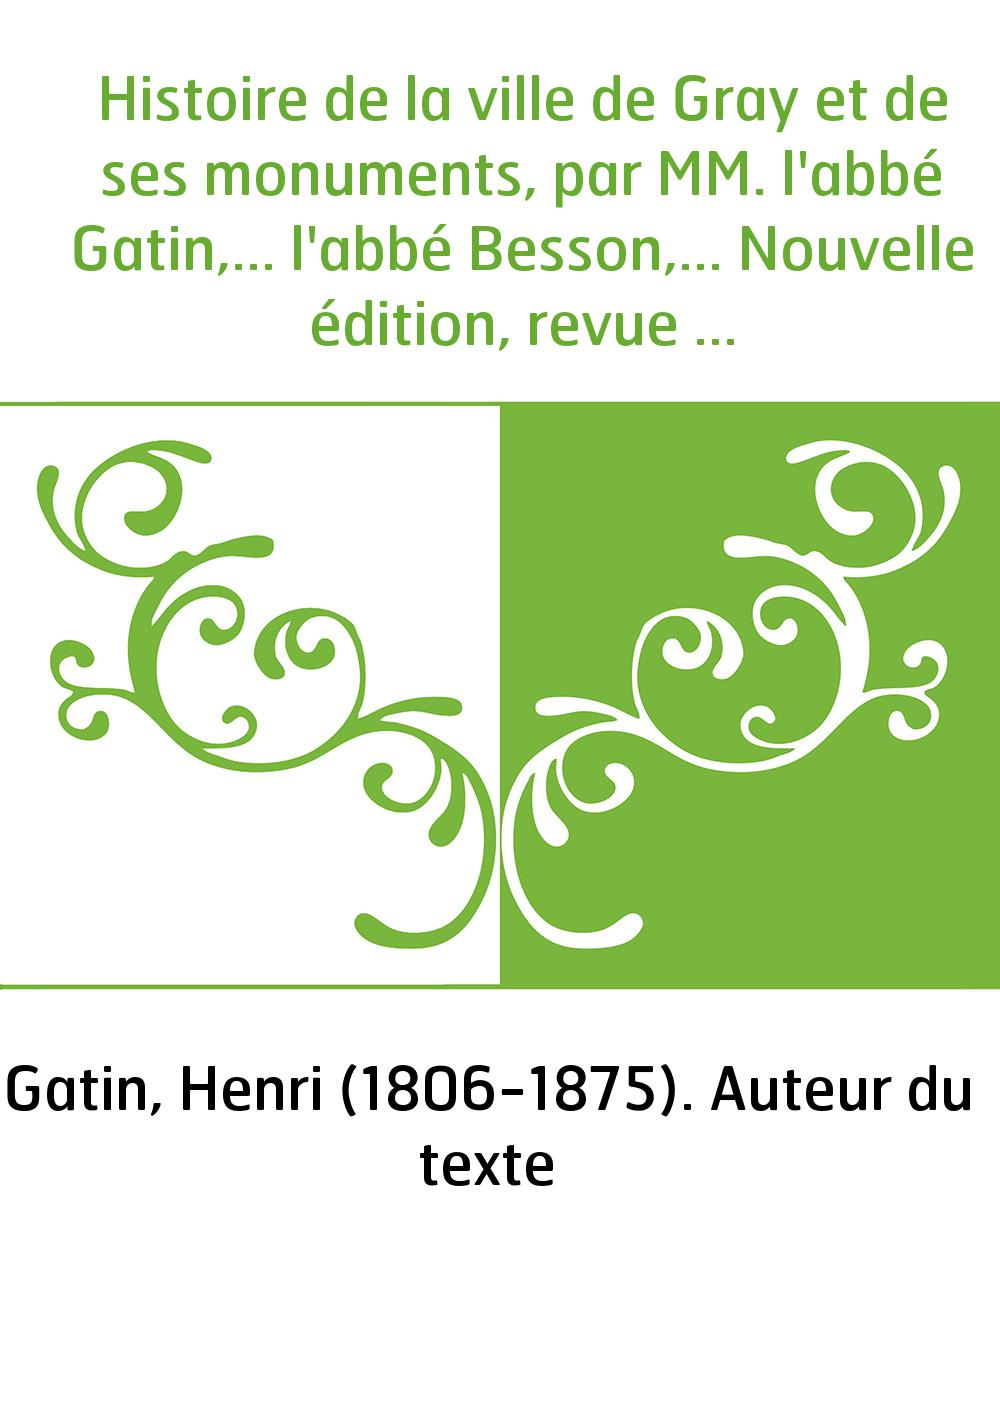 Histoire de la ville de Gray et de ses monuments, par MM. l'abbé Gatin,... l'abbé Besson,... Nouvelle édition, revue et continué